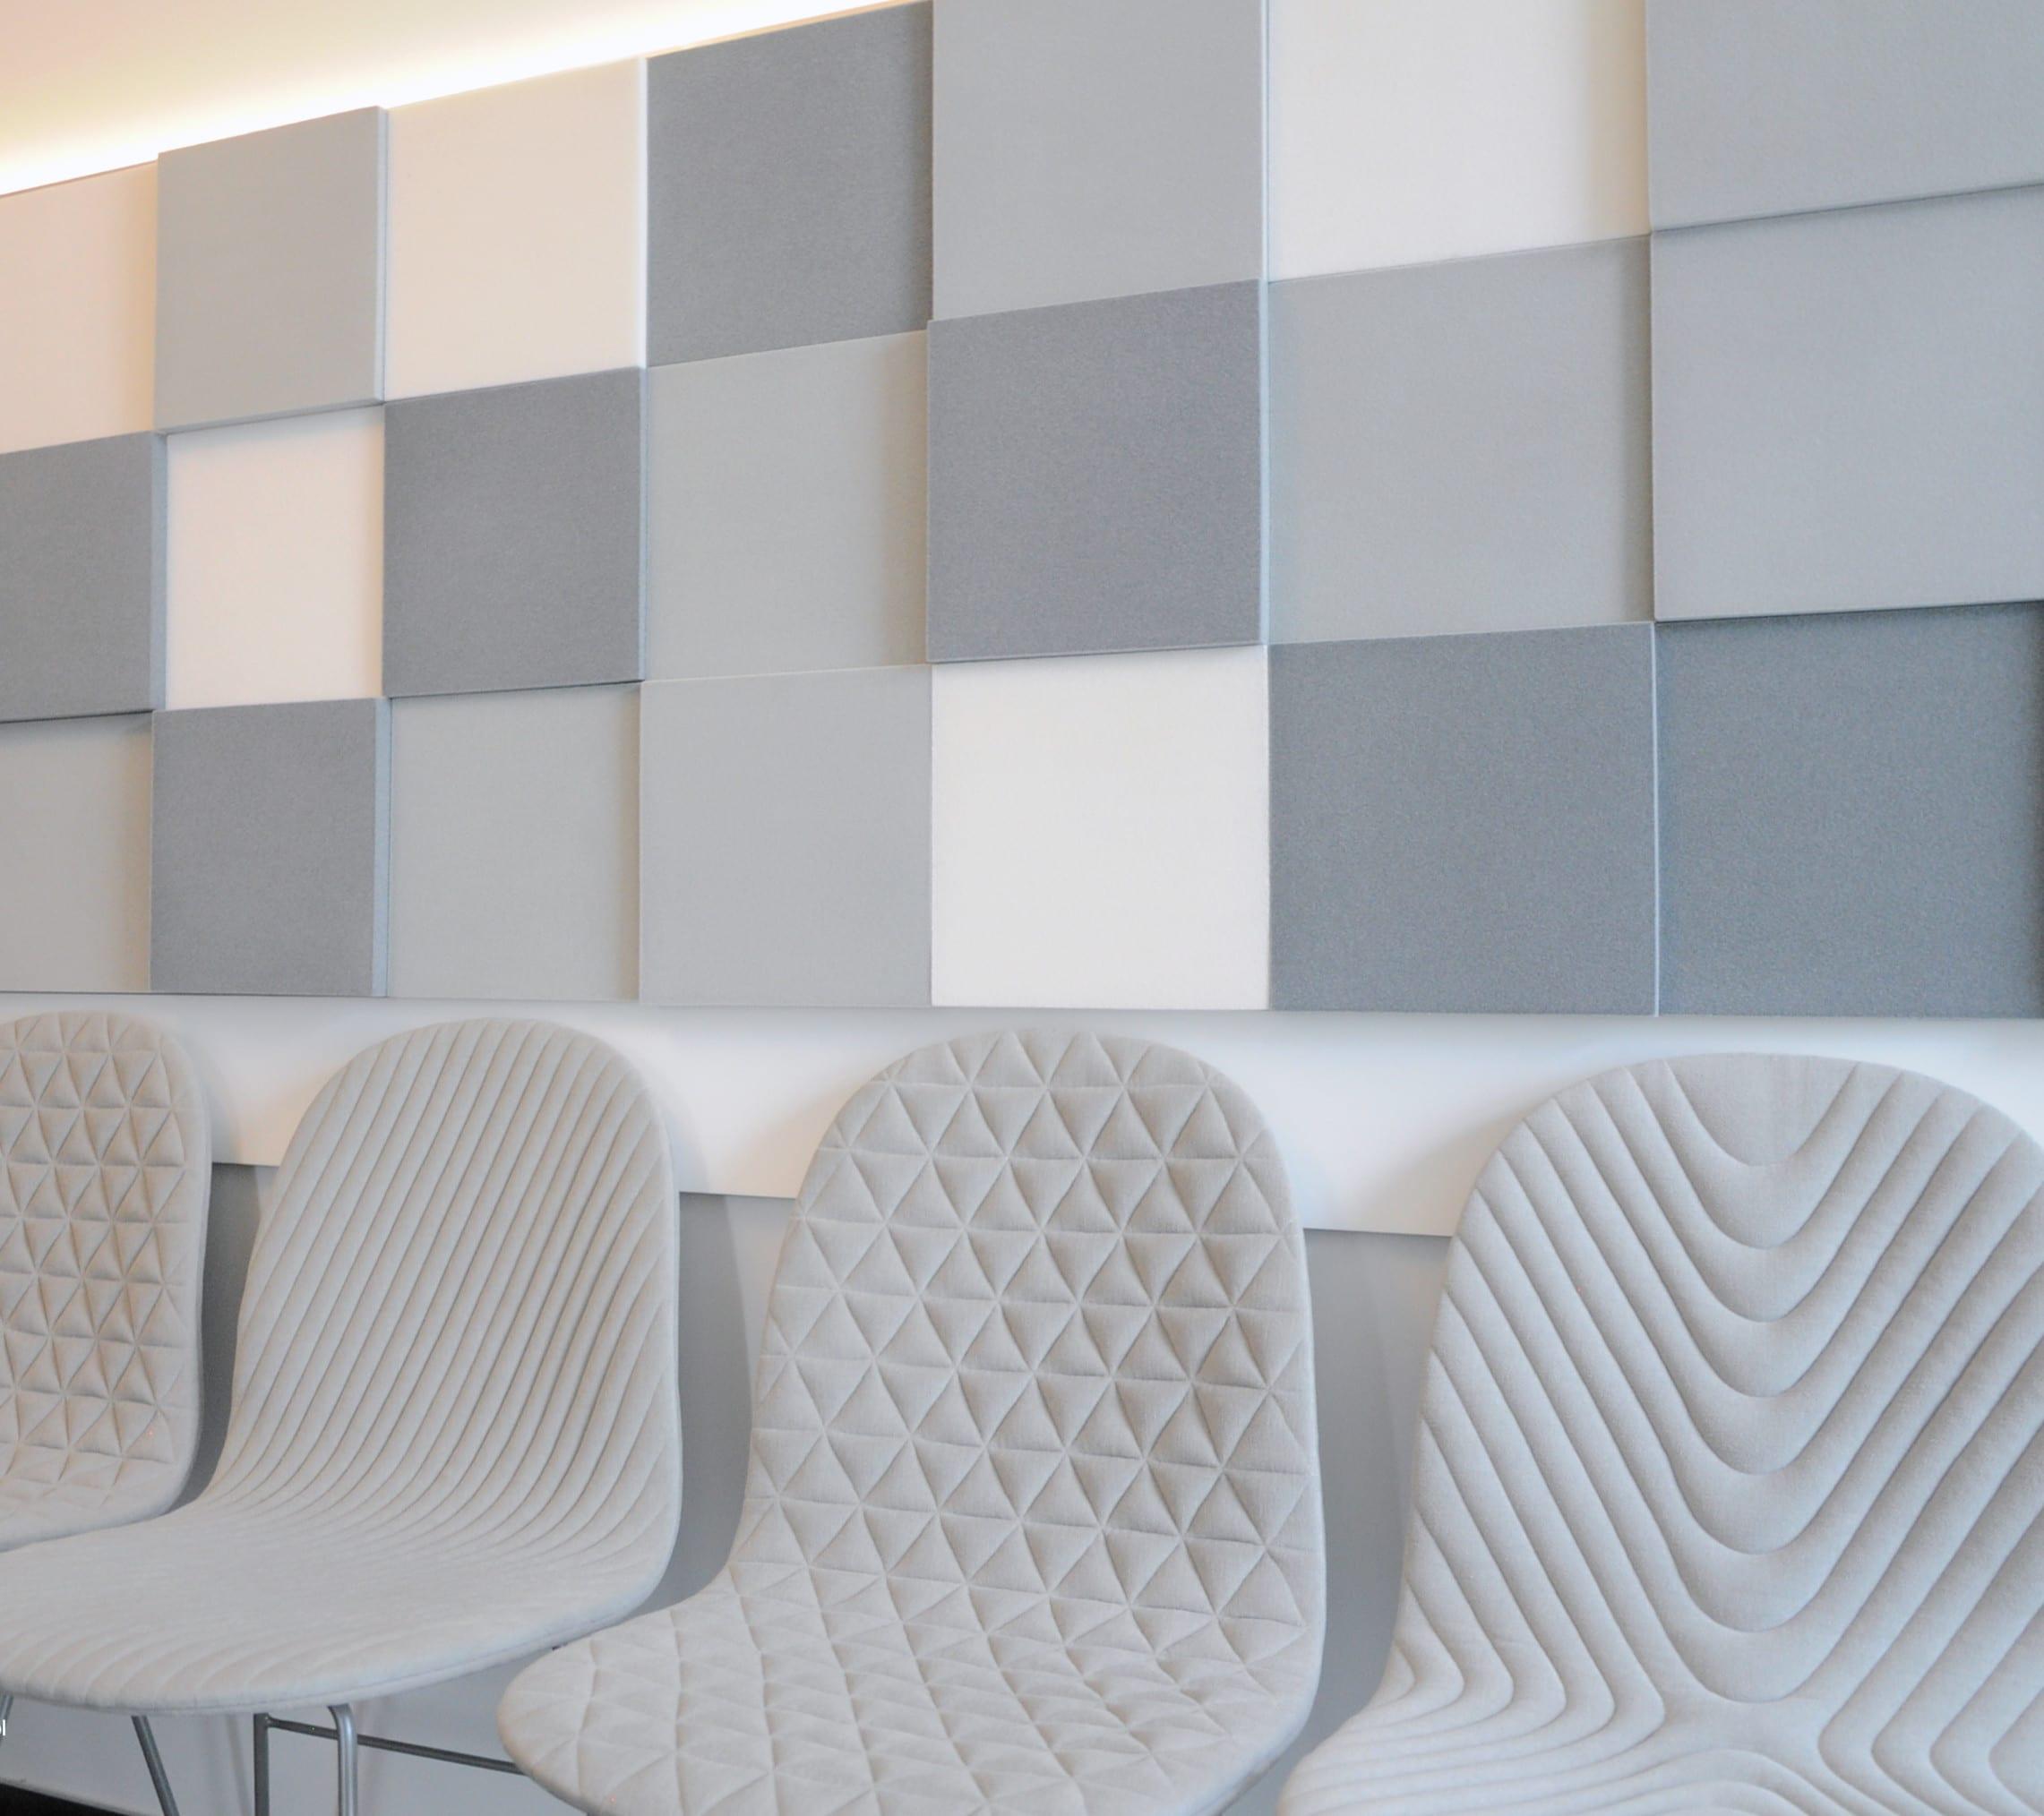 Kreative Wohnideen fr moderne Wandgestaltung und